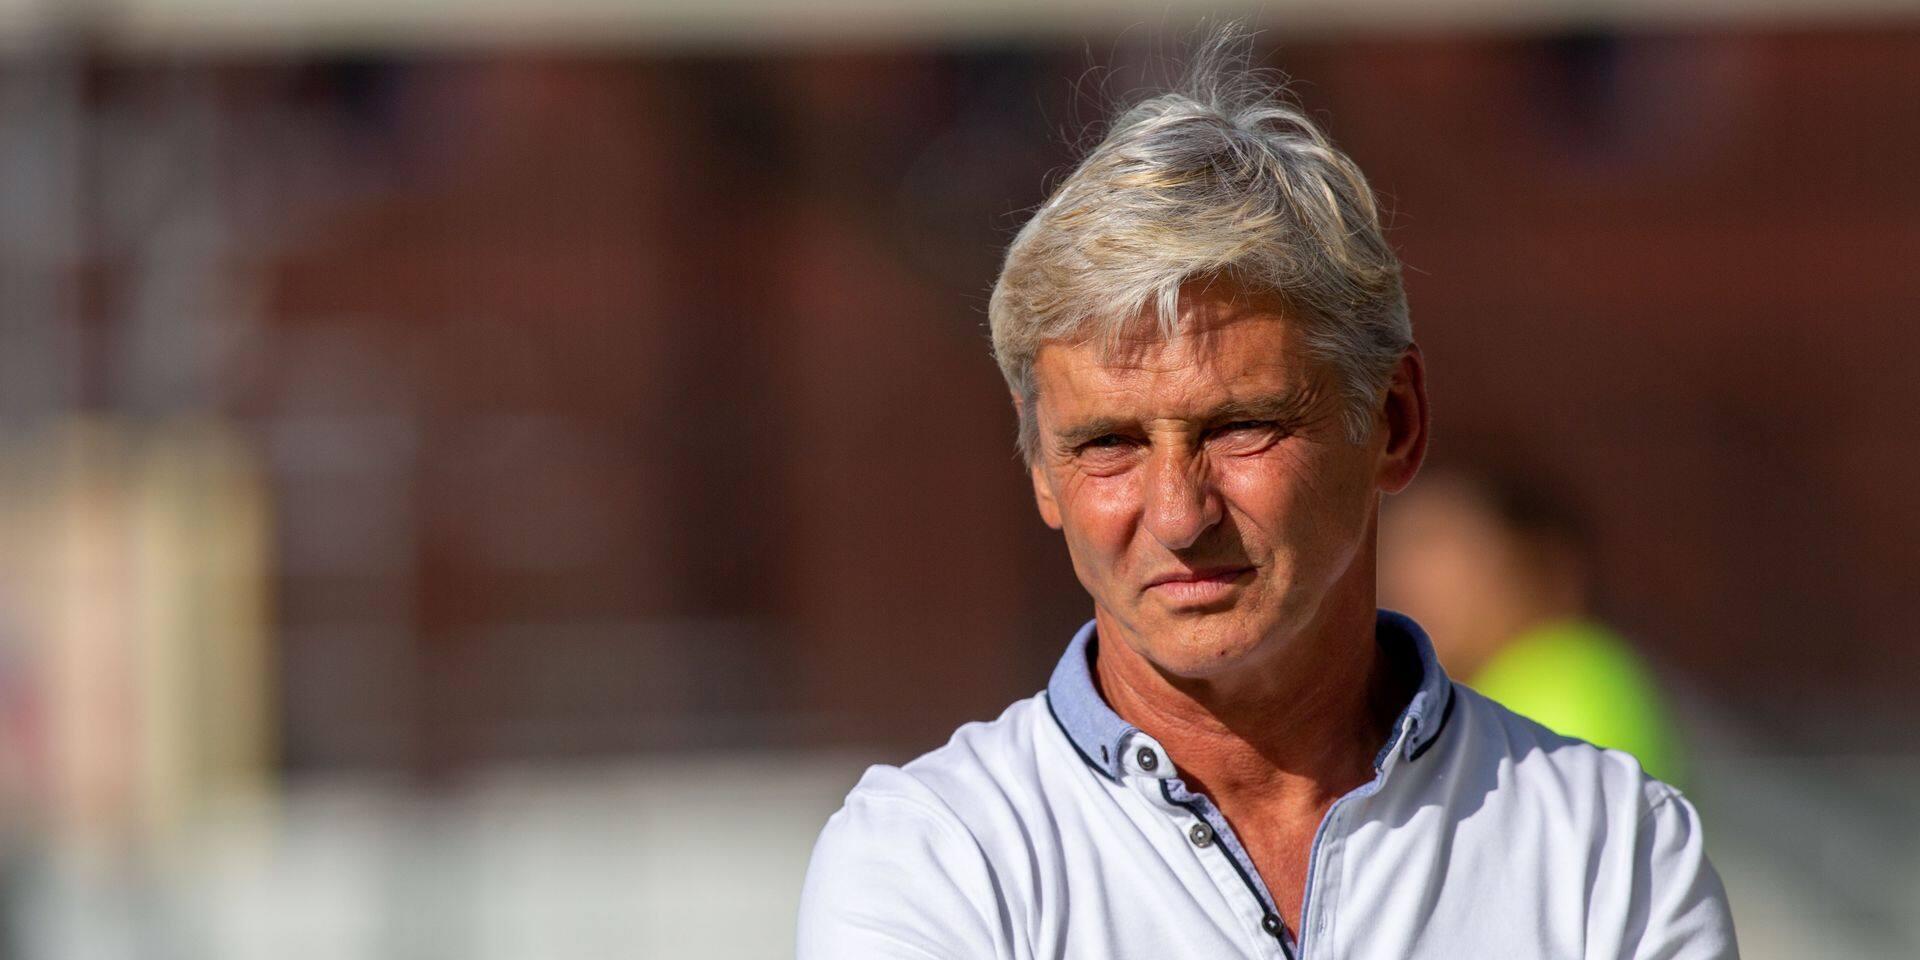 """José Riga revient sur son parcours depuis deux ans chez les Oies : """"Visé suit son chemin"""""""